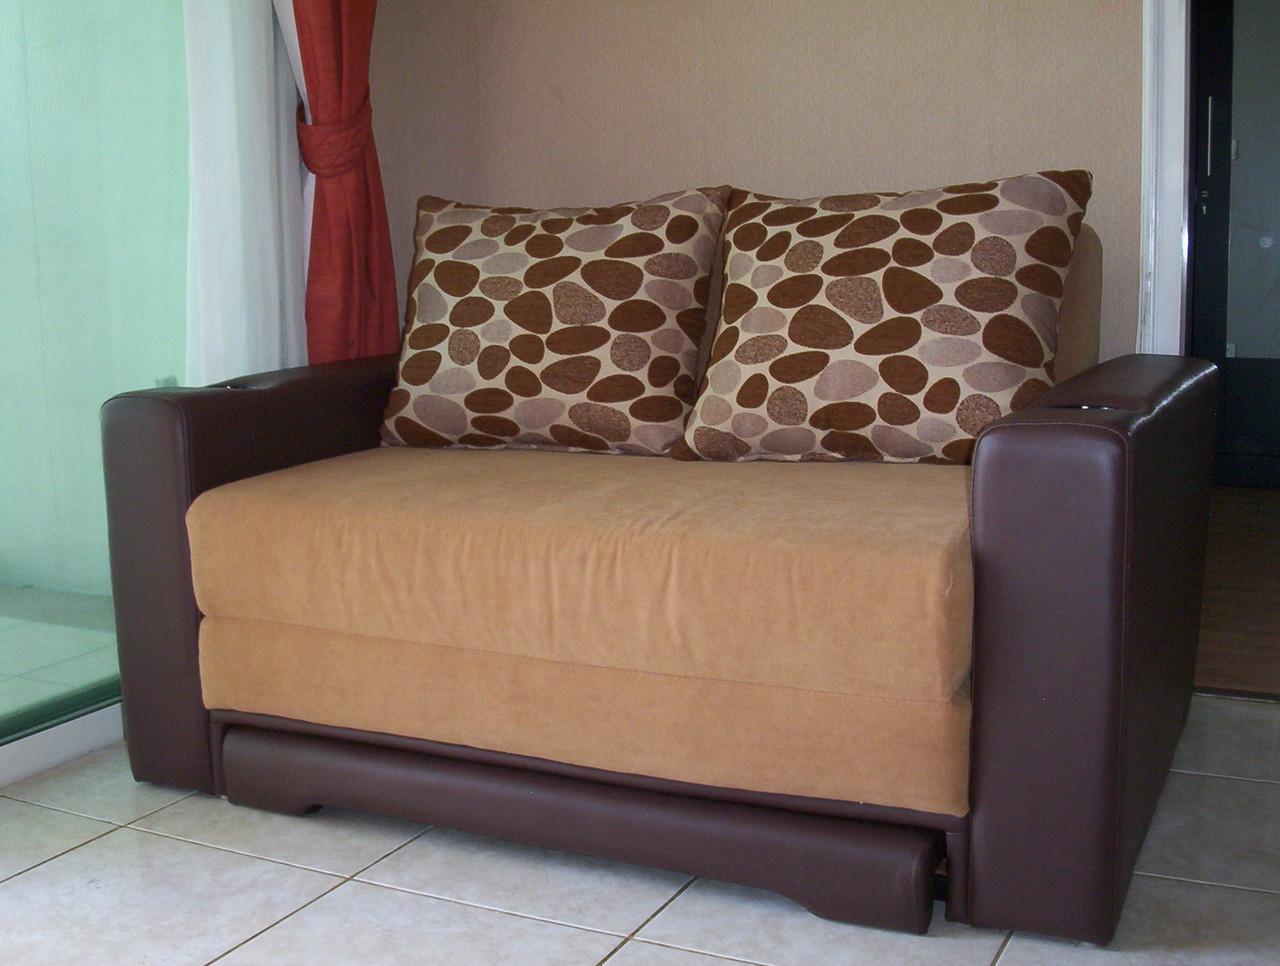 Jual kursi sofa bekas di surabaya refil sofa for Sofa bed jual